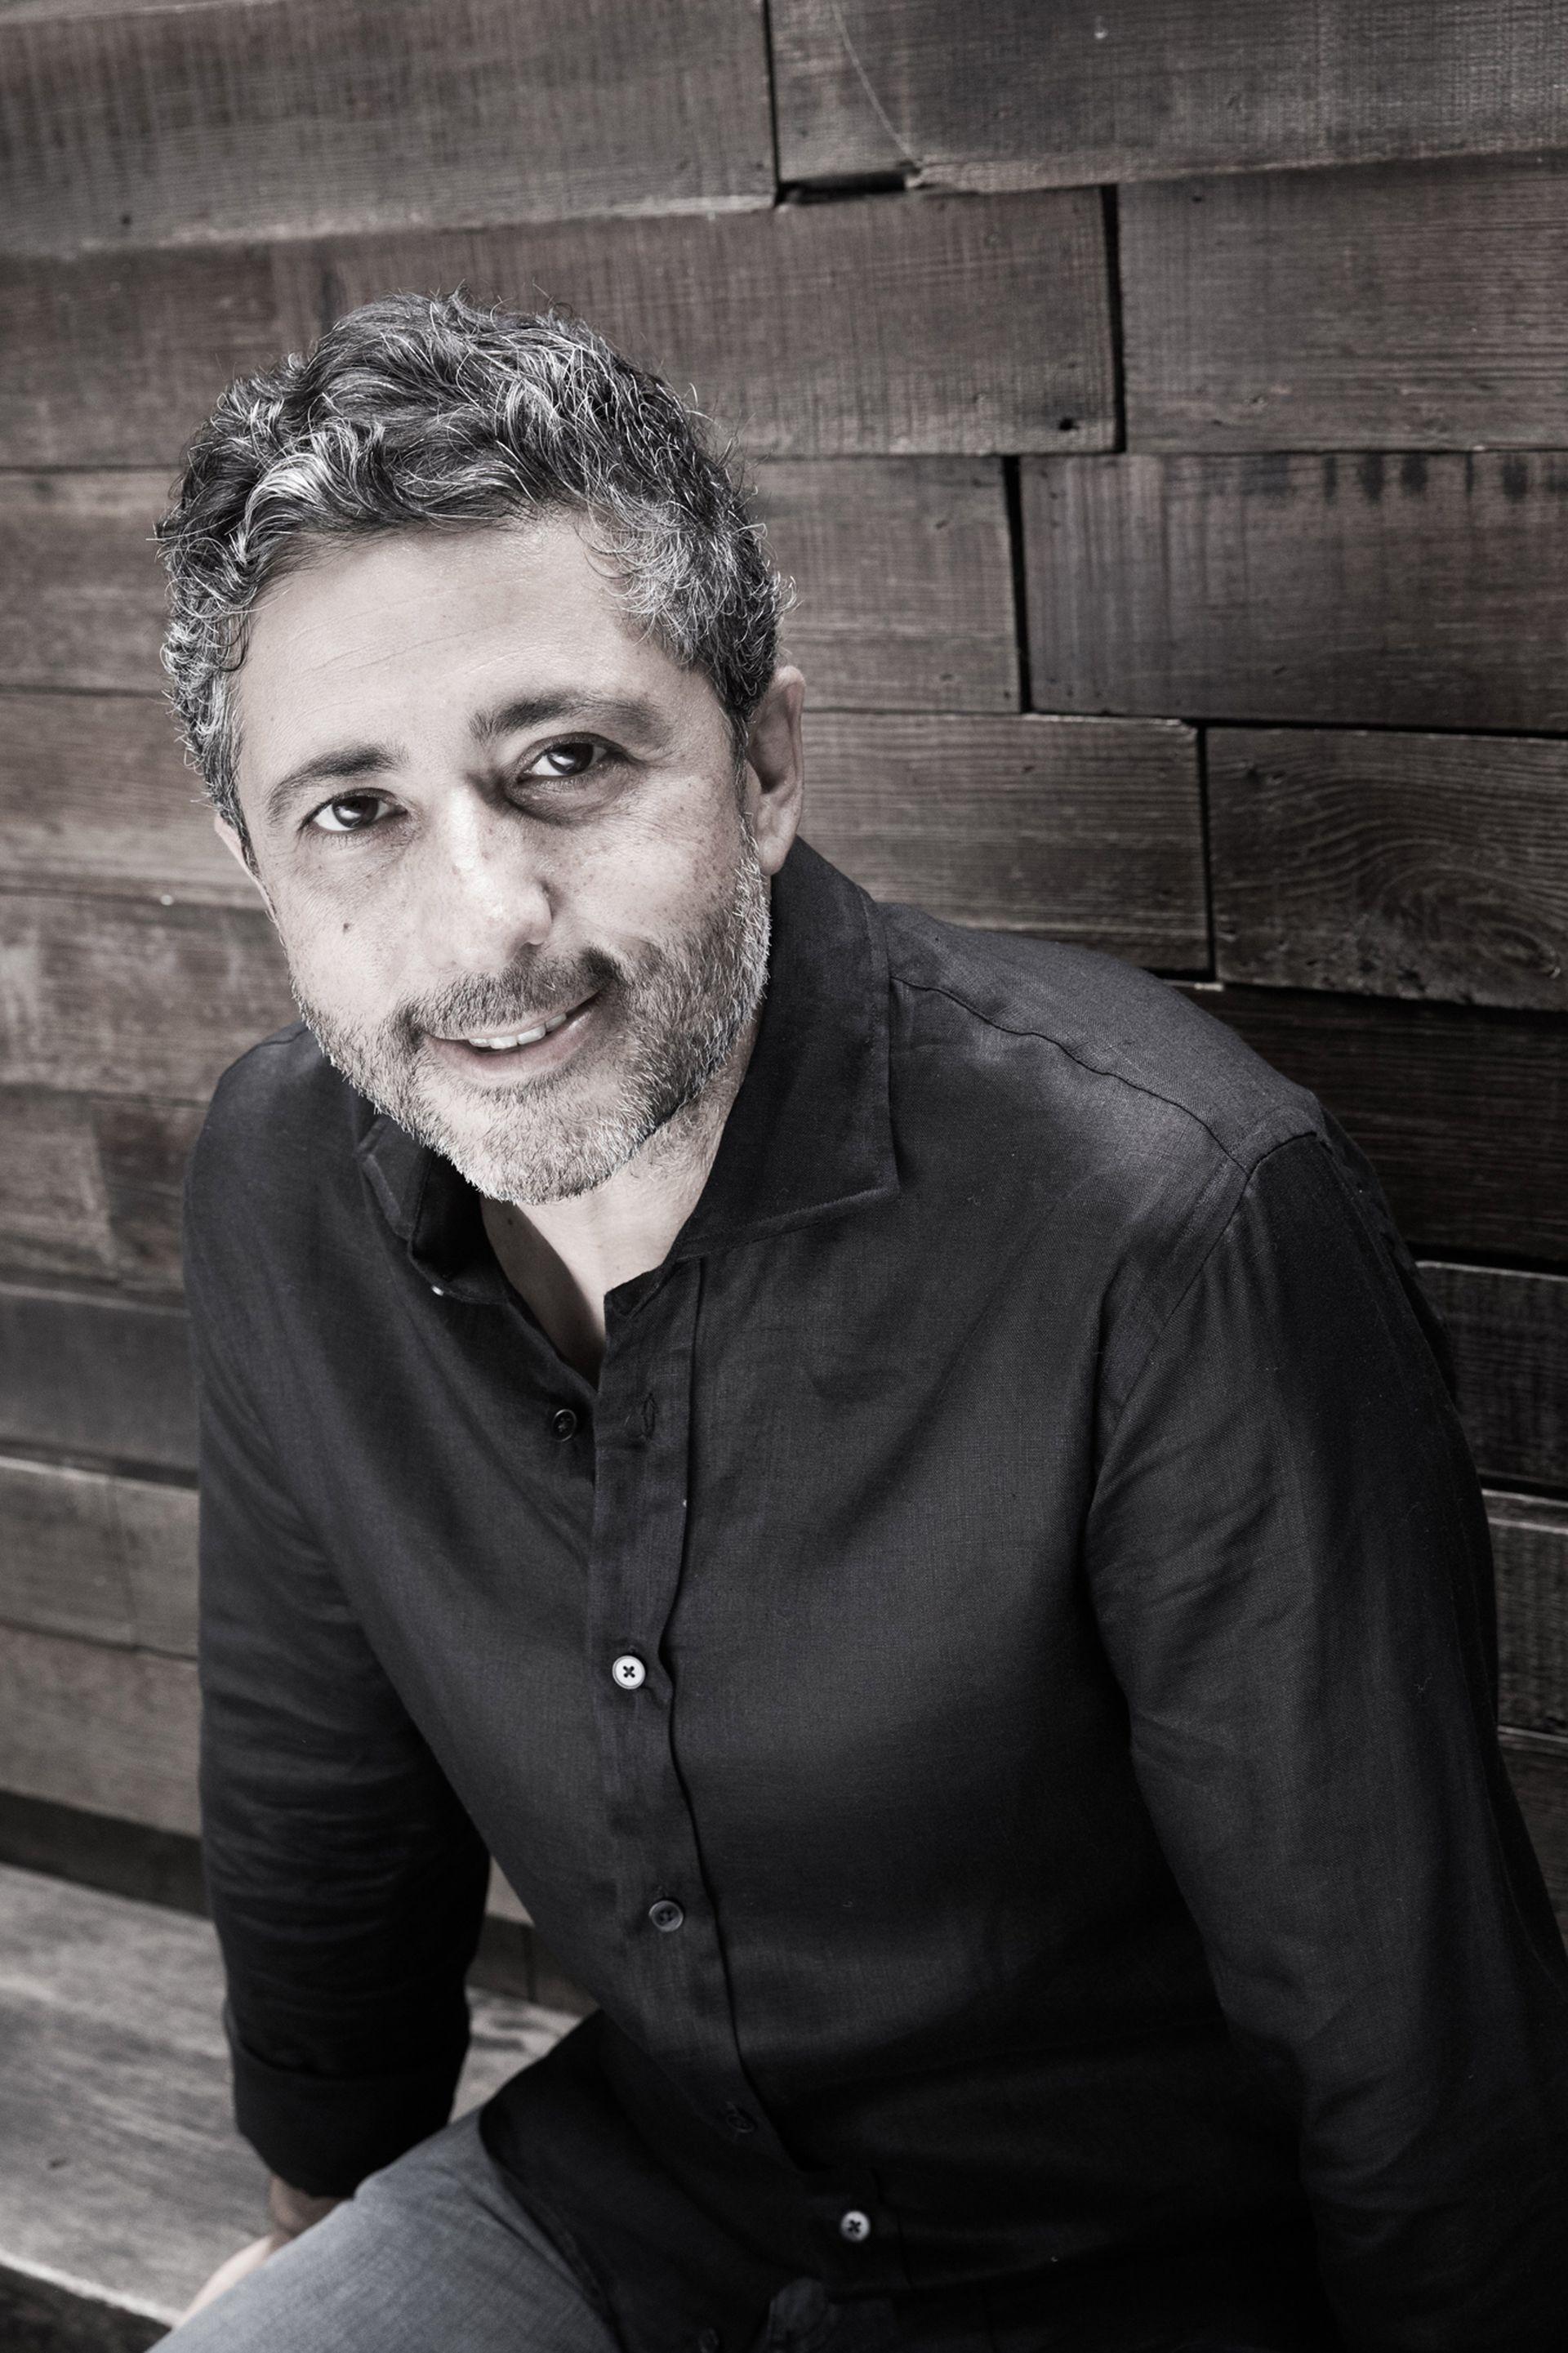 """Papon Ricchiarelli: """"Estamos ante una industria que es mucho más amplia de cómo se la está mirando. Esta es la industria de la comunicación, de las ideas y la generación de contenido. Claro, incluye el ecosistema digital. Se trata de desarrollar un vínculo entre las personas y la marca, y esto lo hacen desde una productora de cine hasta una agencia in house"""""""